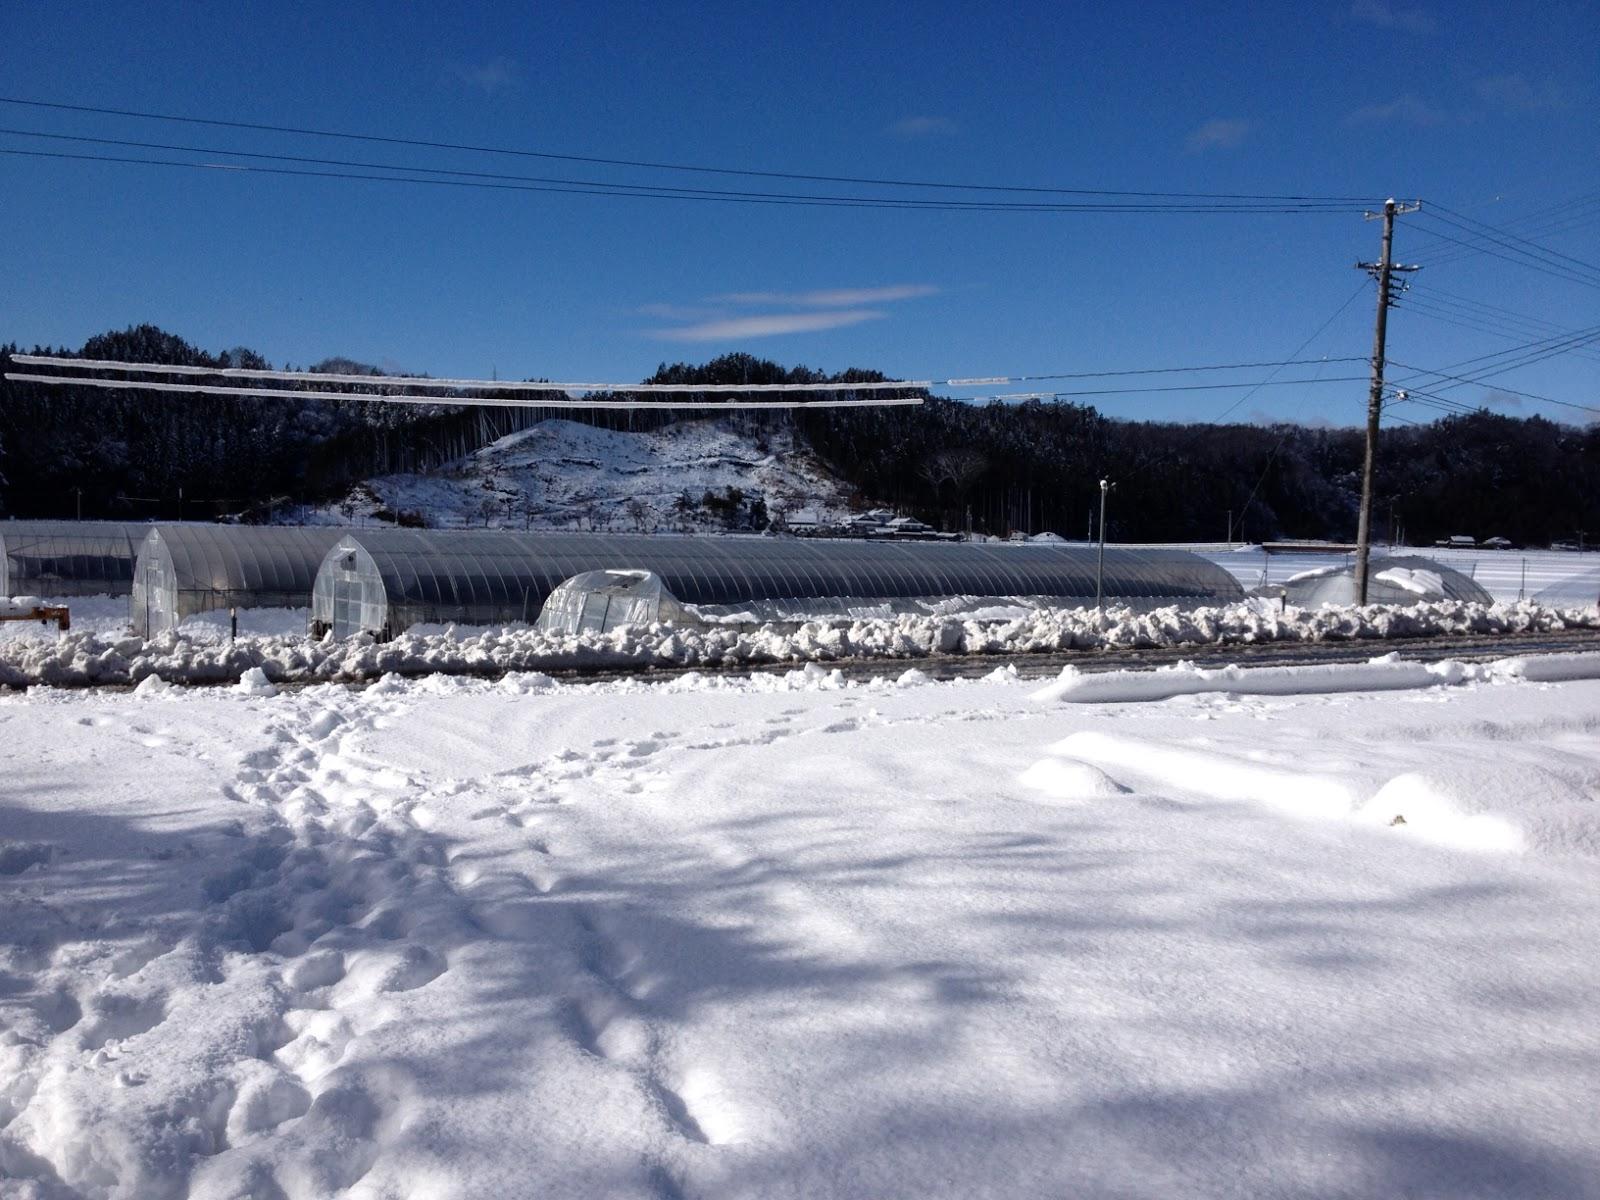 雪に潰されたビニールハウス